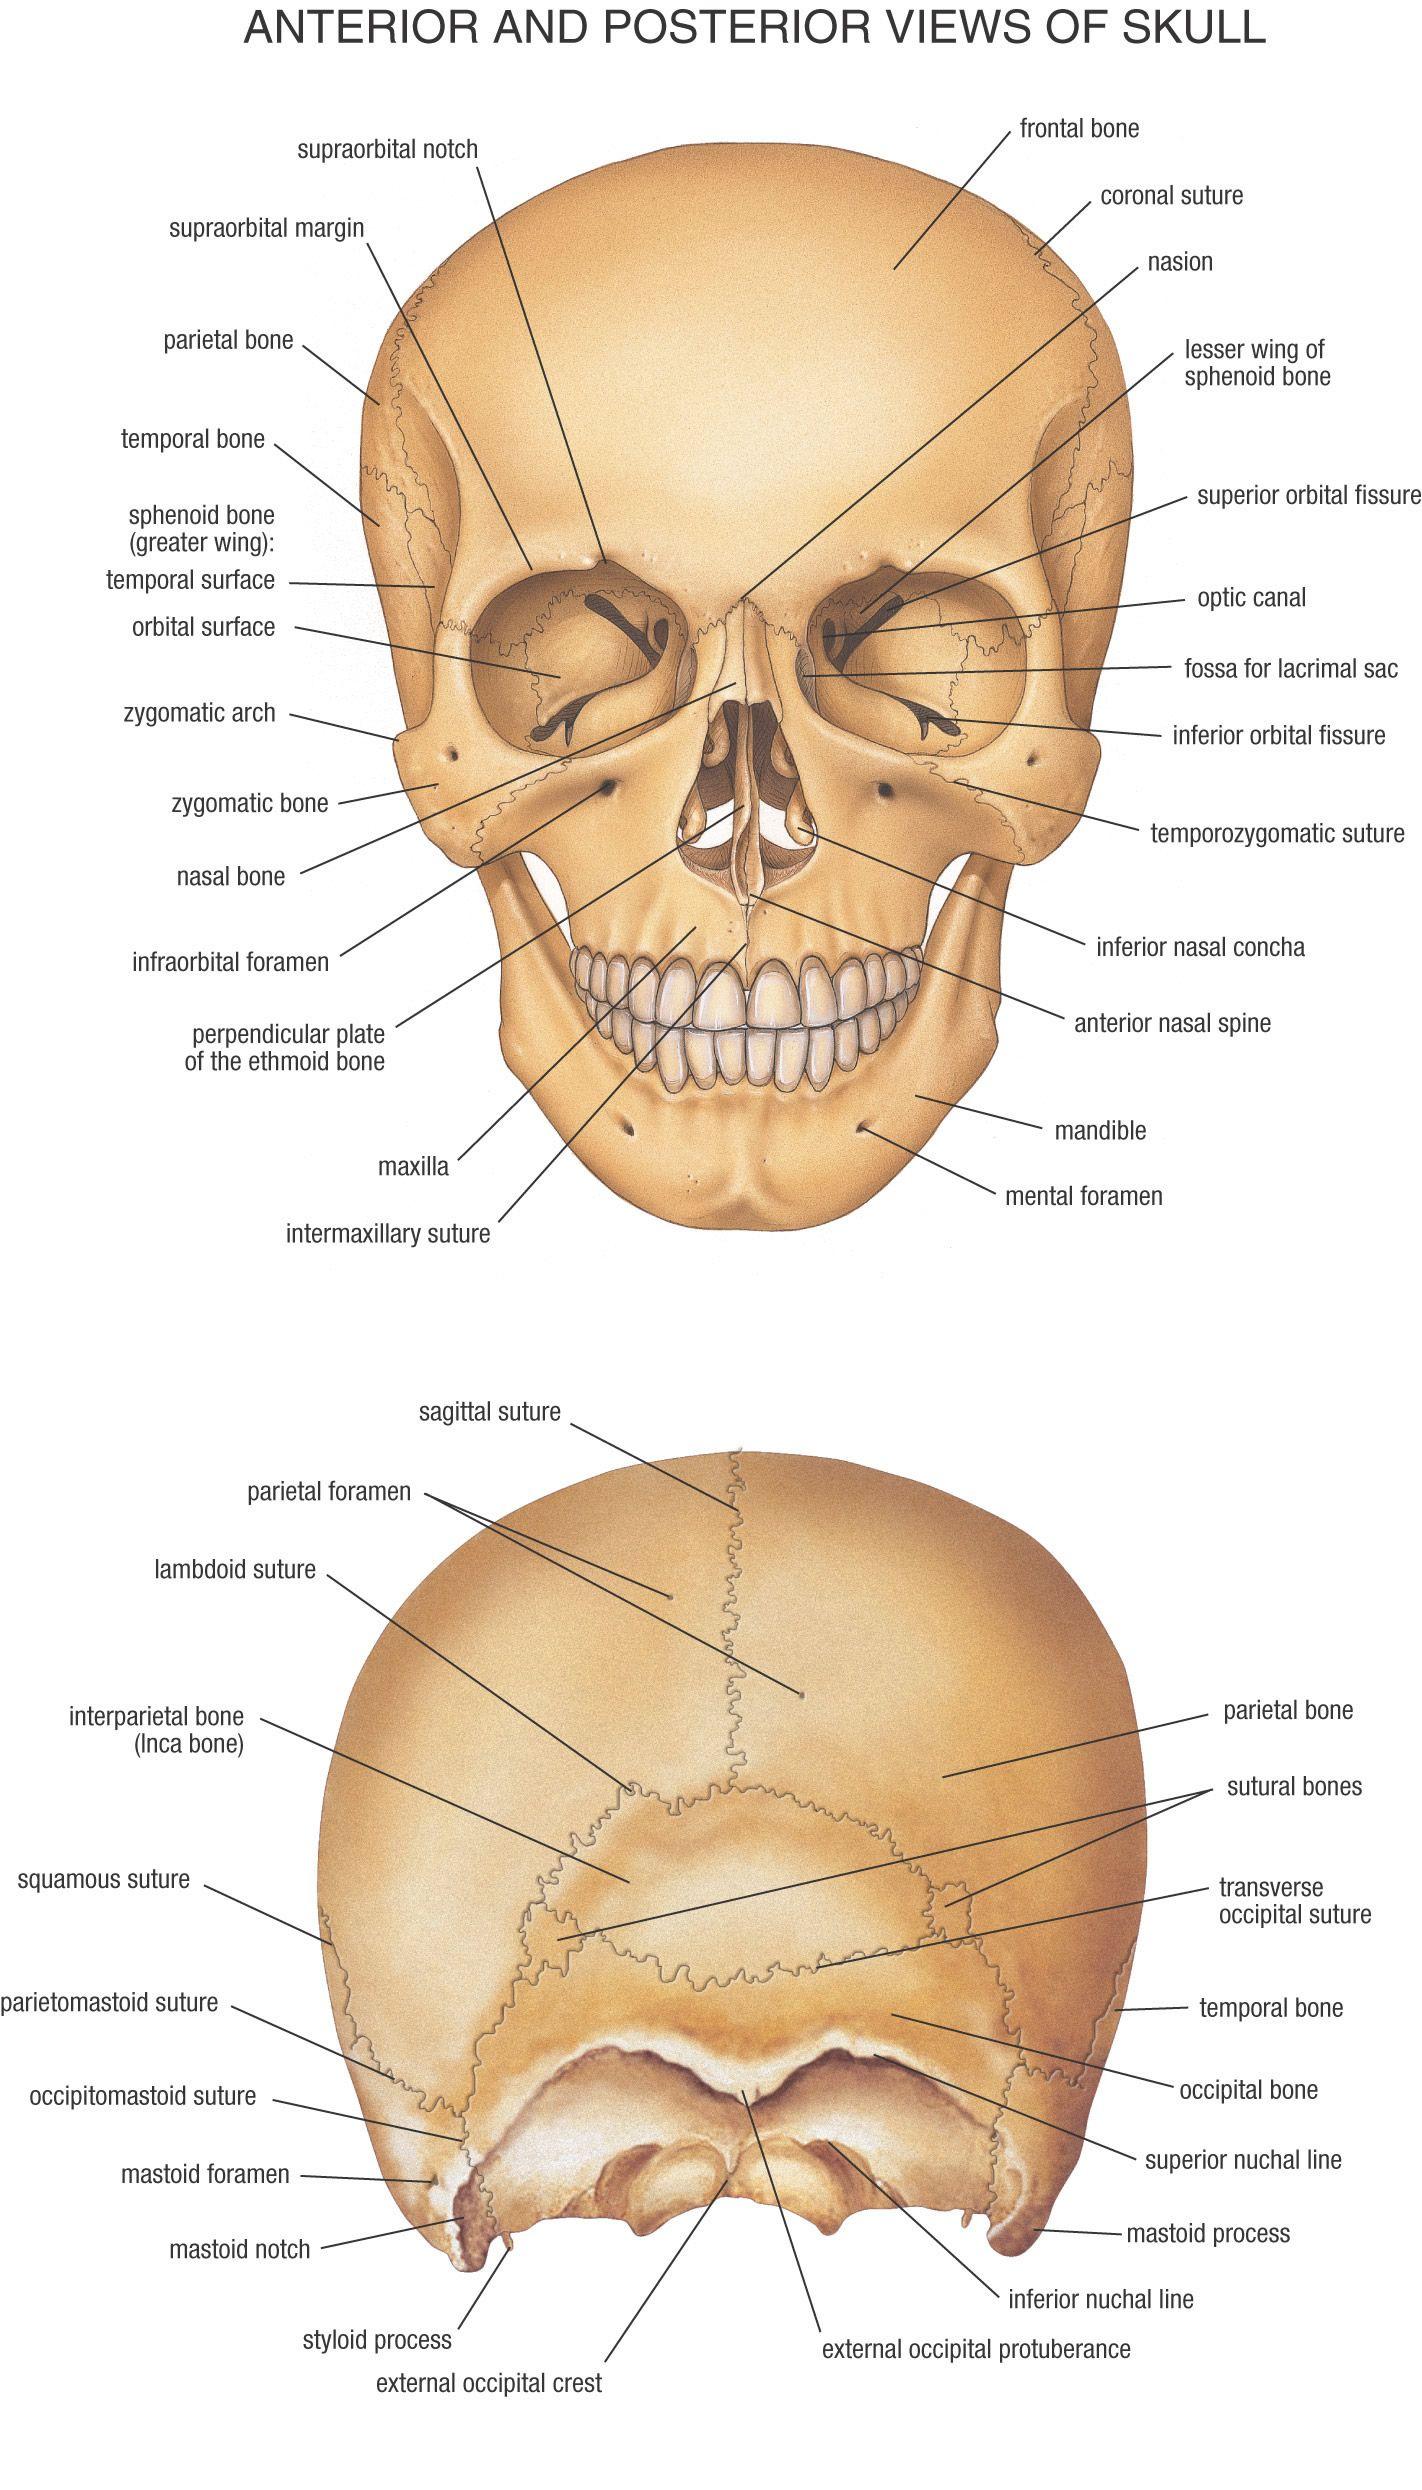 HB Anatomy Skull   keep   useful   Pinterest   Anatomy